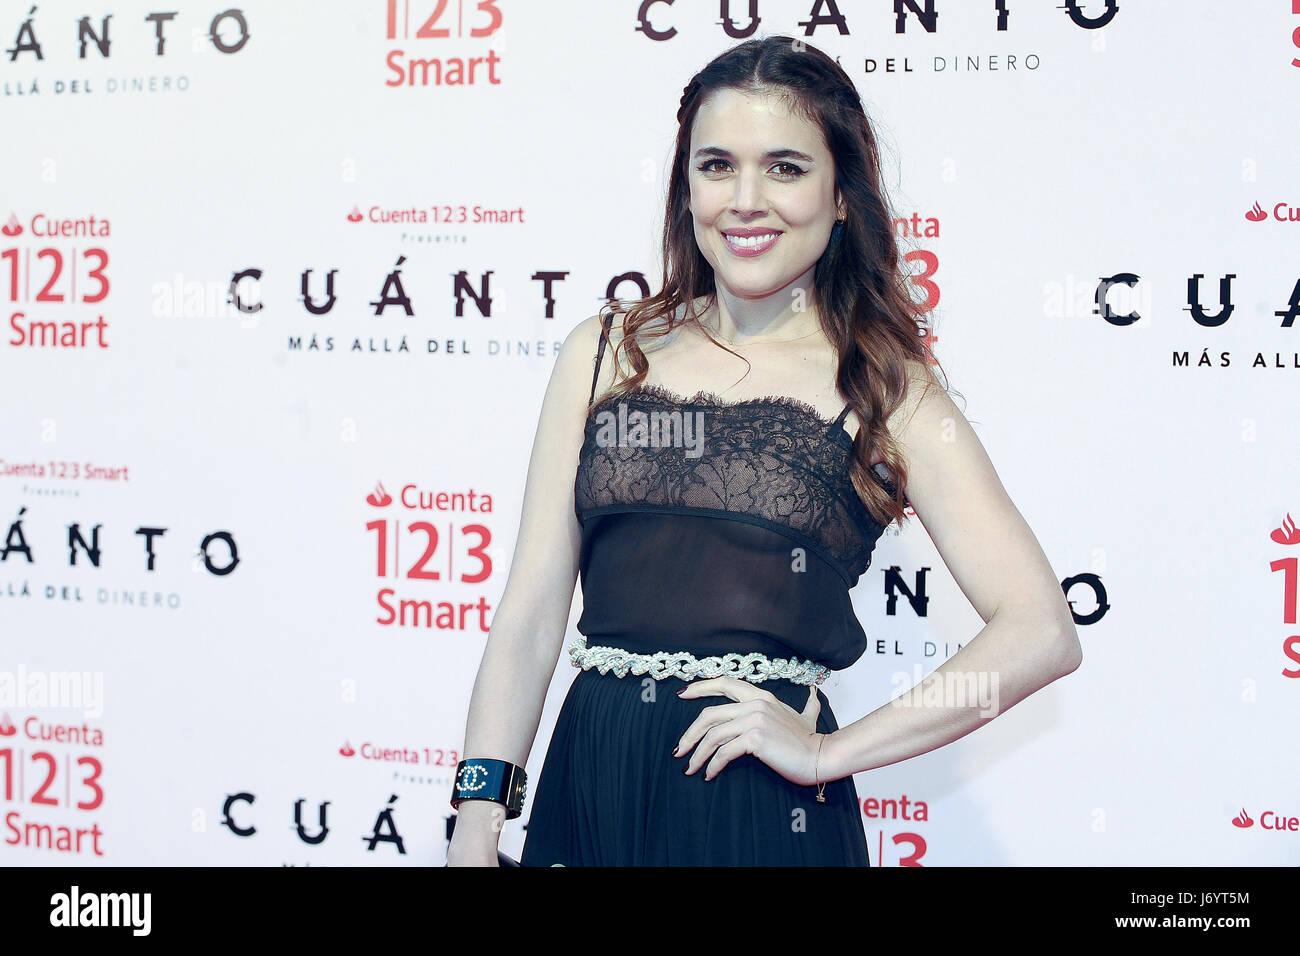 Adriana Ugarte attending the premiere of 'Cuánto. Más allá del dinero' at Callao cinema in - Stock Image